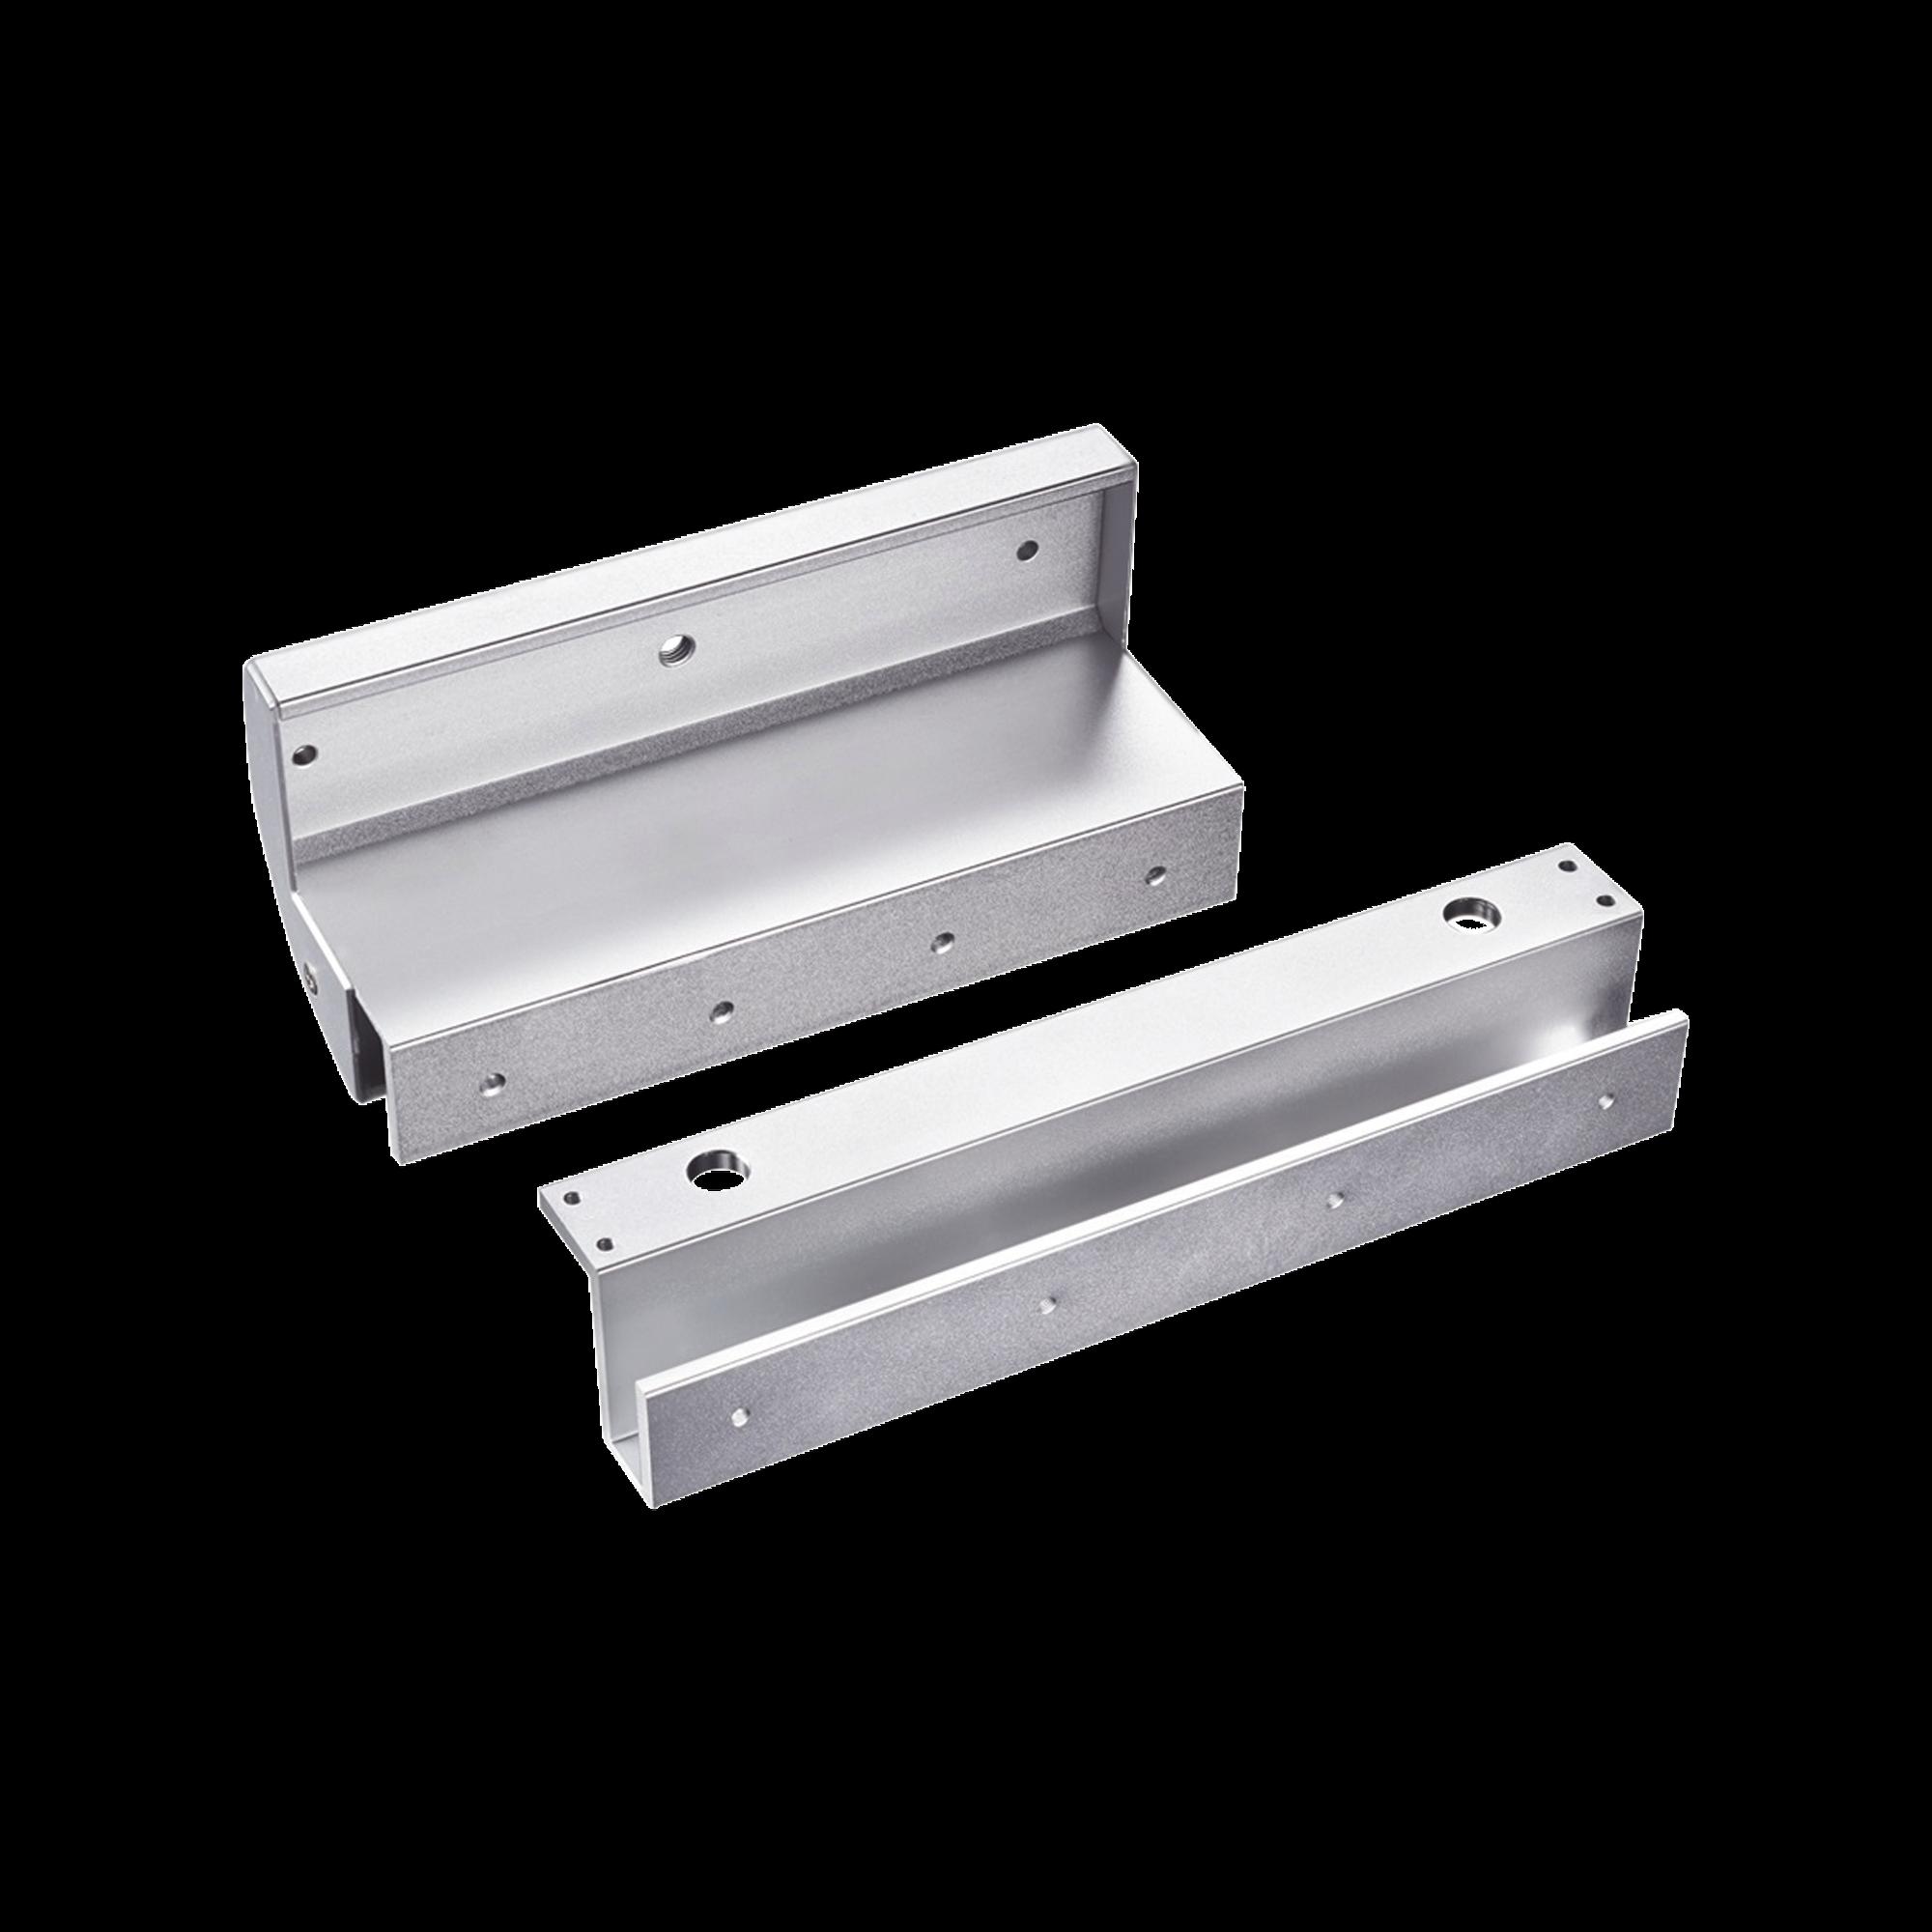 Montaje para puertas de Solo Cristal para uso con Chapa Magnética MAG600NLED y MAG600NTLED